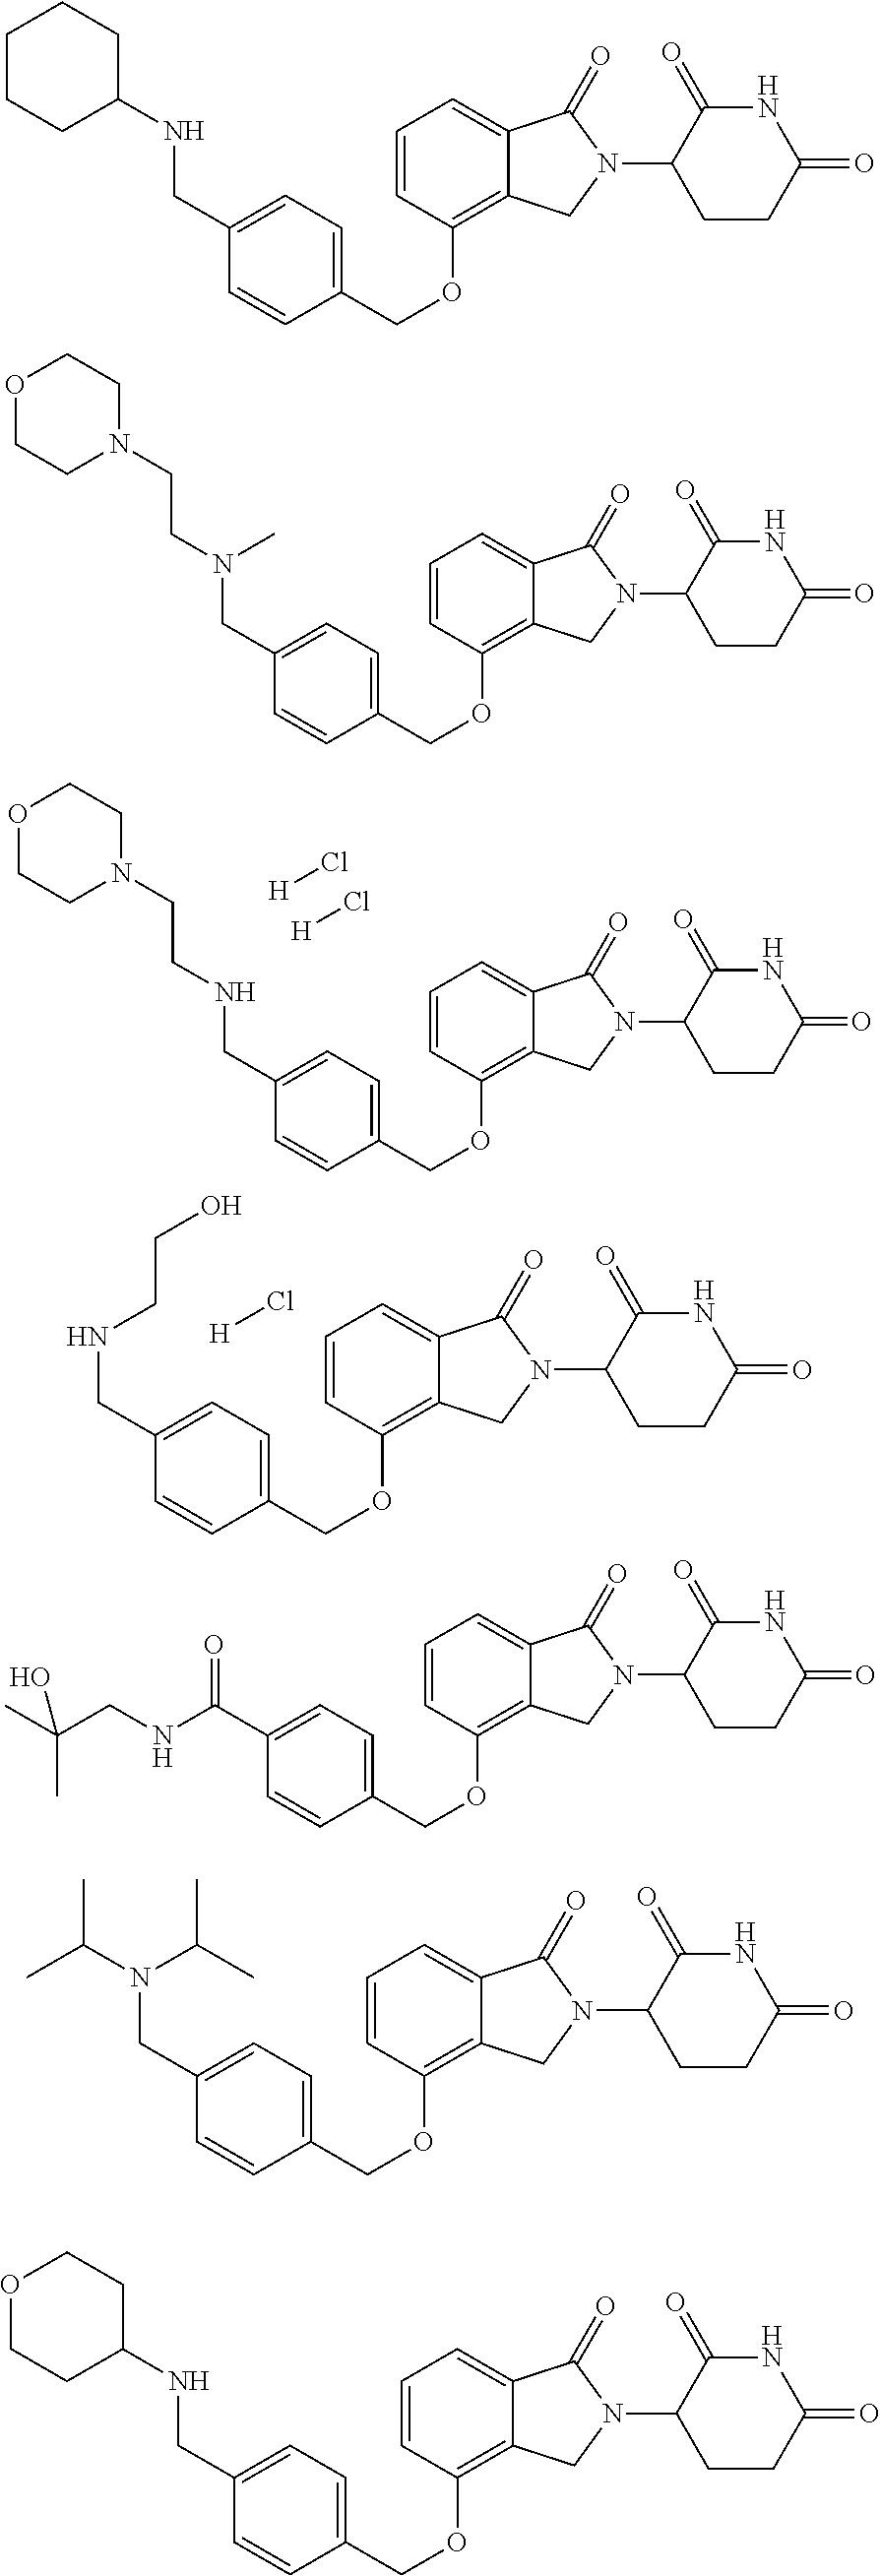 Figure US09822094-20171121-C00031